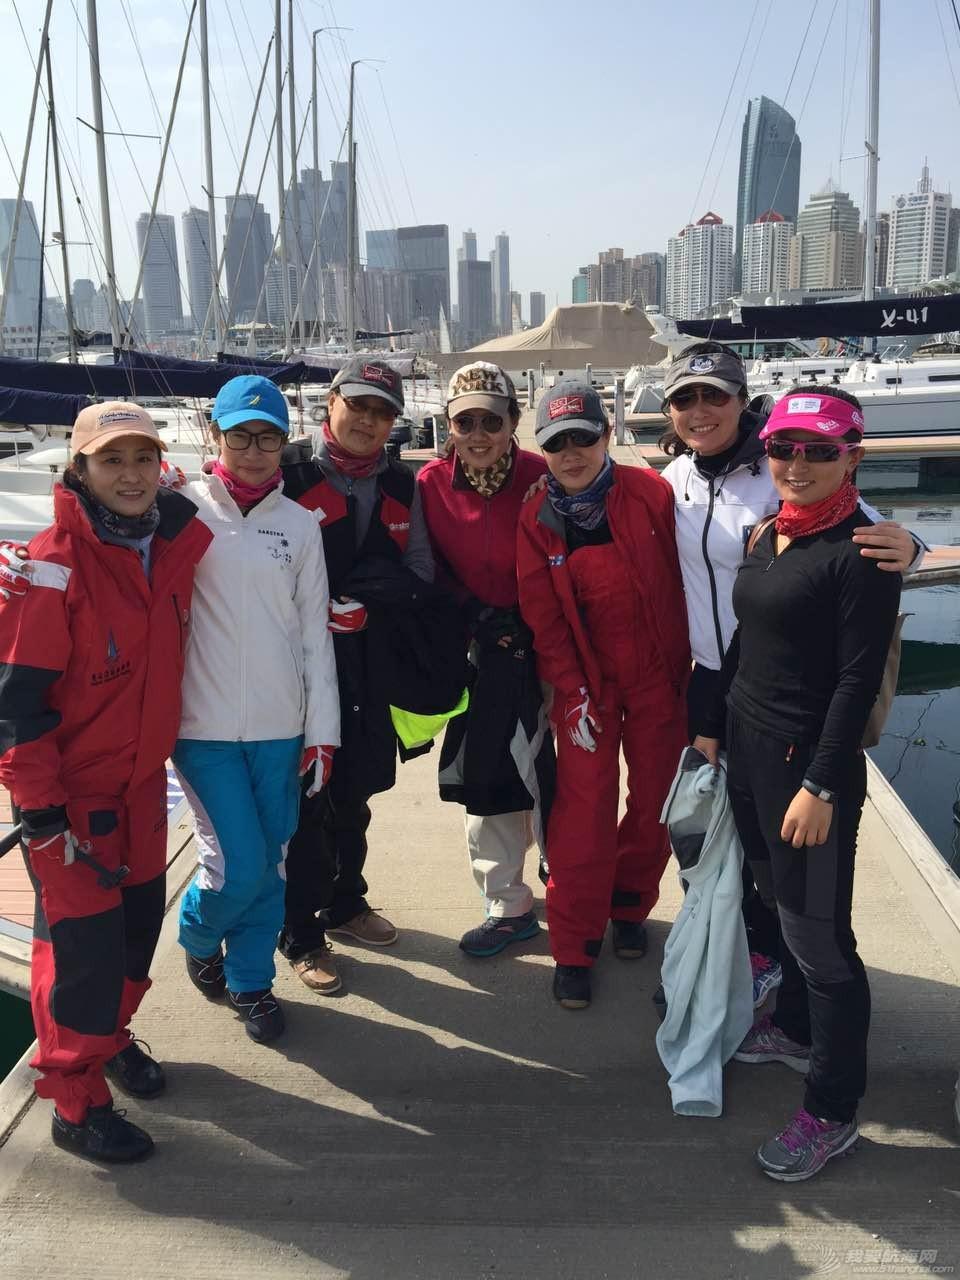 中国女子,退役运动员,联合国,帆船运动,青岛市 中国最牛女子帆船队 IMG_8124.JPG